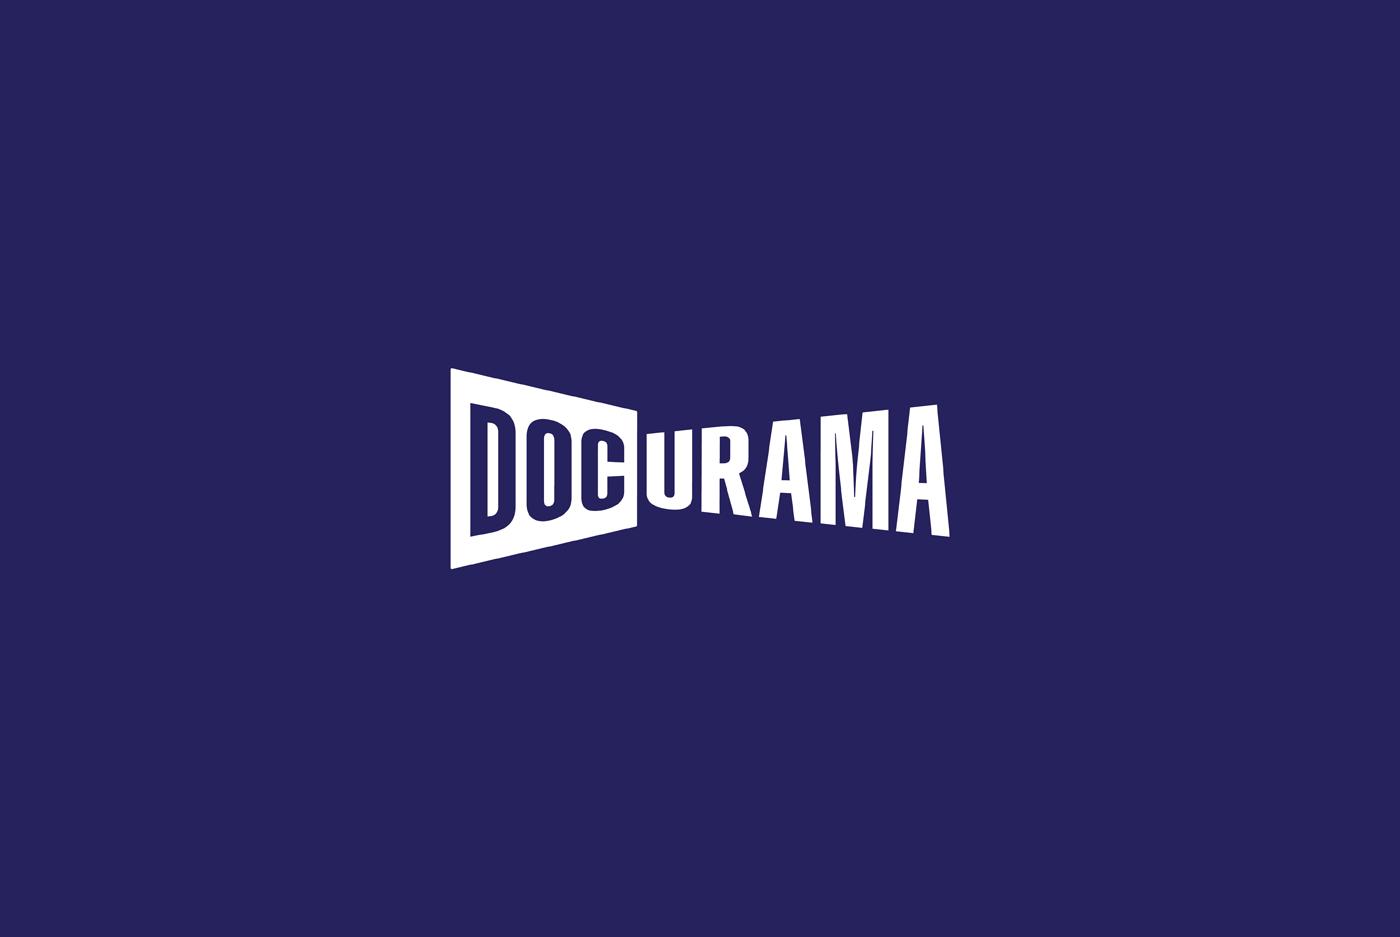 docurama-06